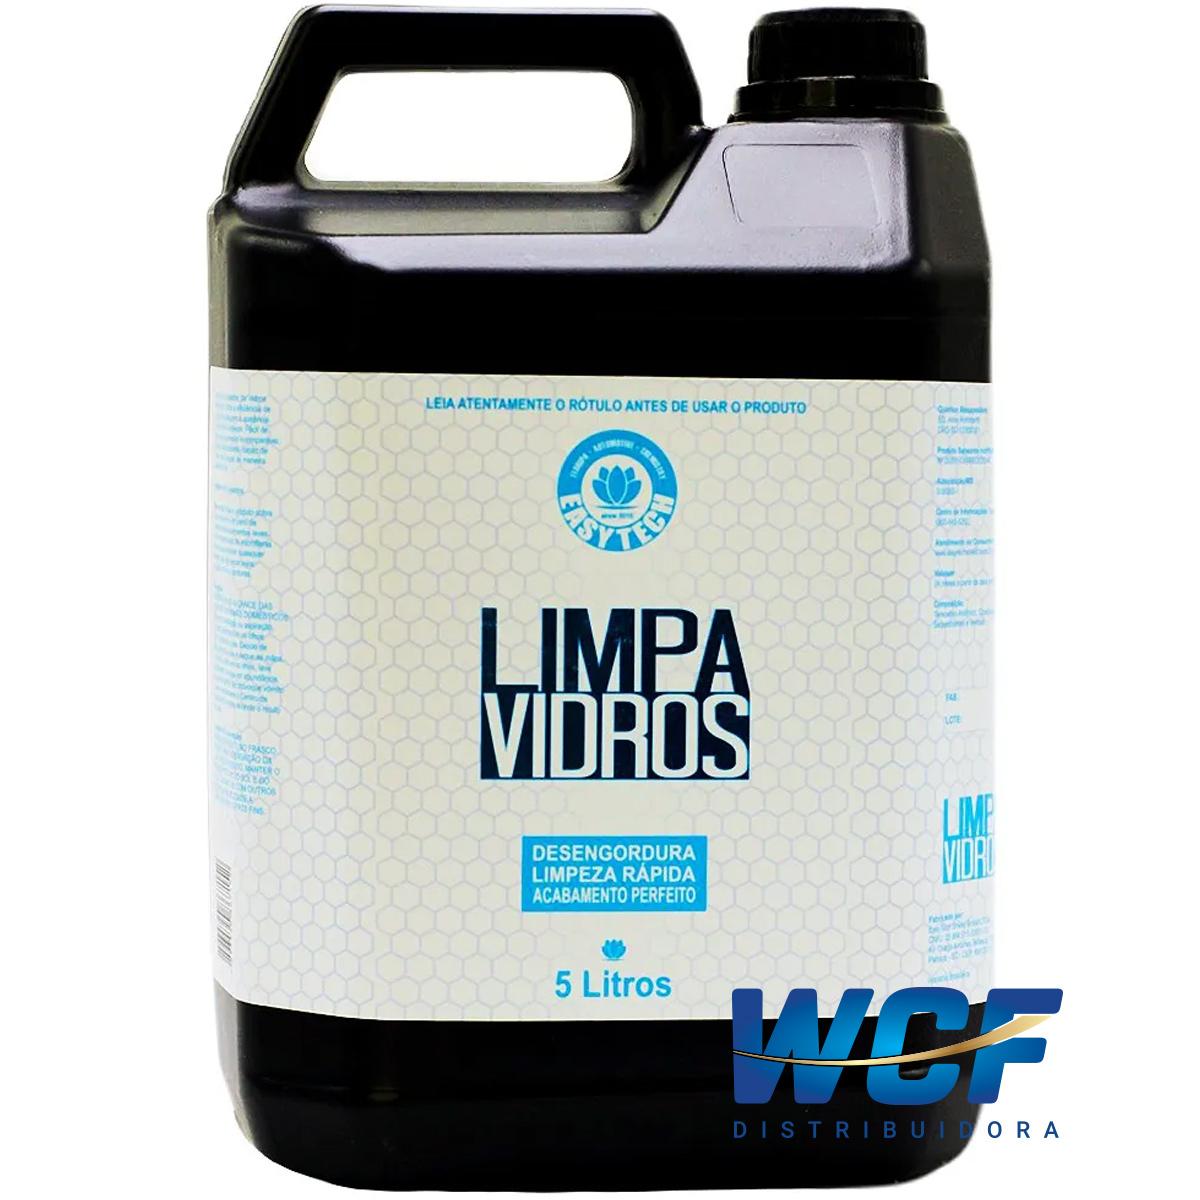 EASYTECH Limpa Vidro 5L